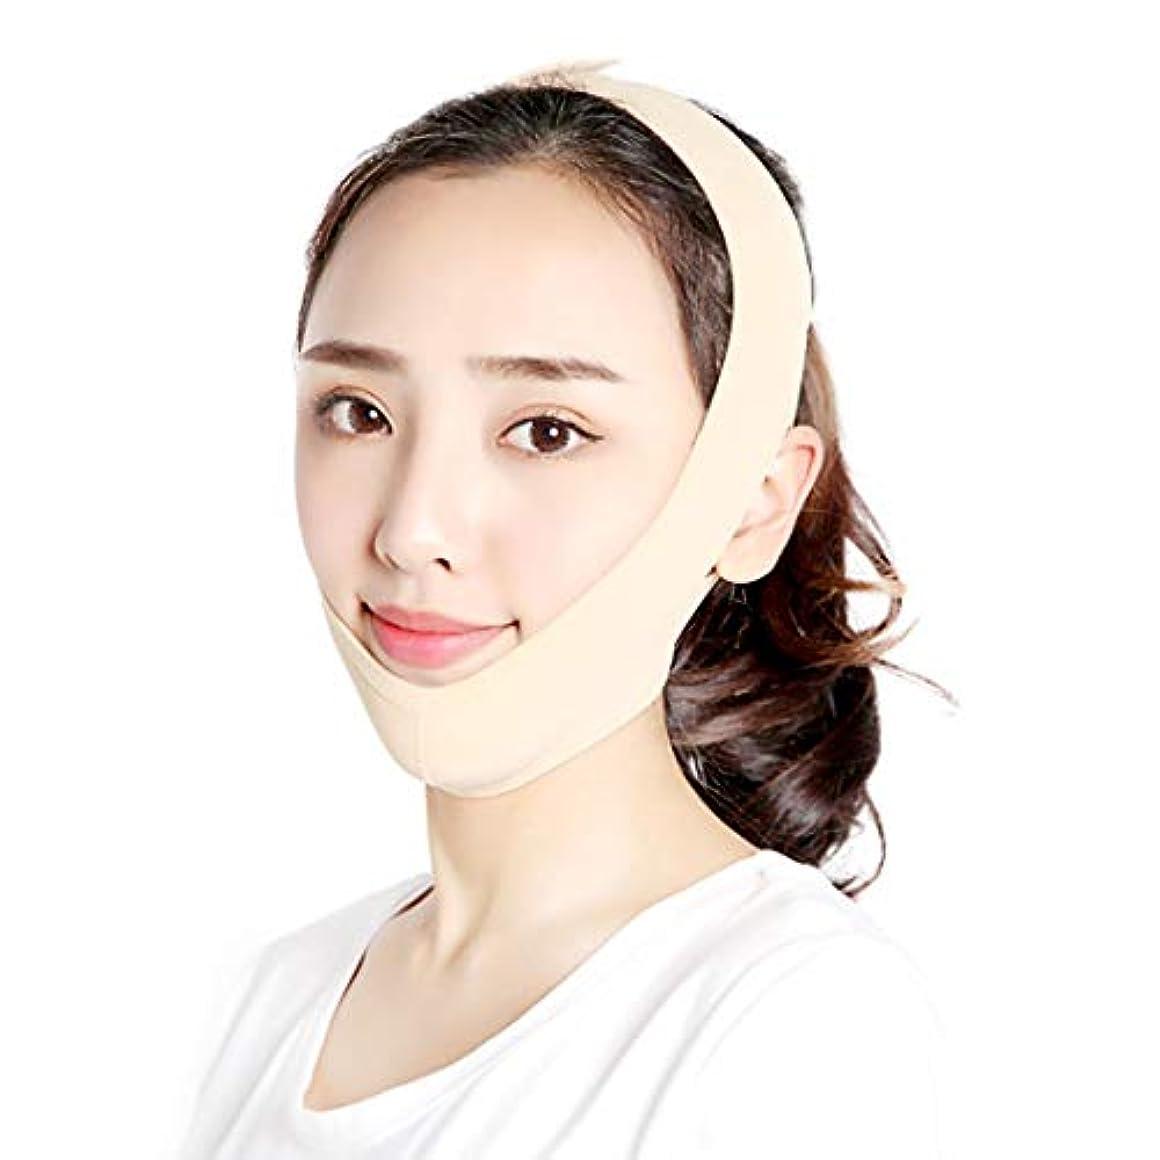 繊維優先権見つけるZWBD フェイスマスク, フェイスリフティング包帯V字型マスクヘッドギアフェイシャルリフティングシェイピングリフティング引き締め (Size : XL)